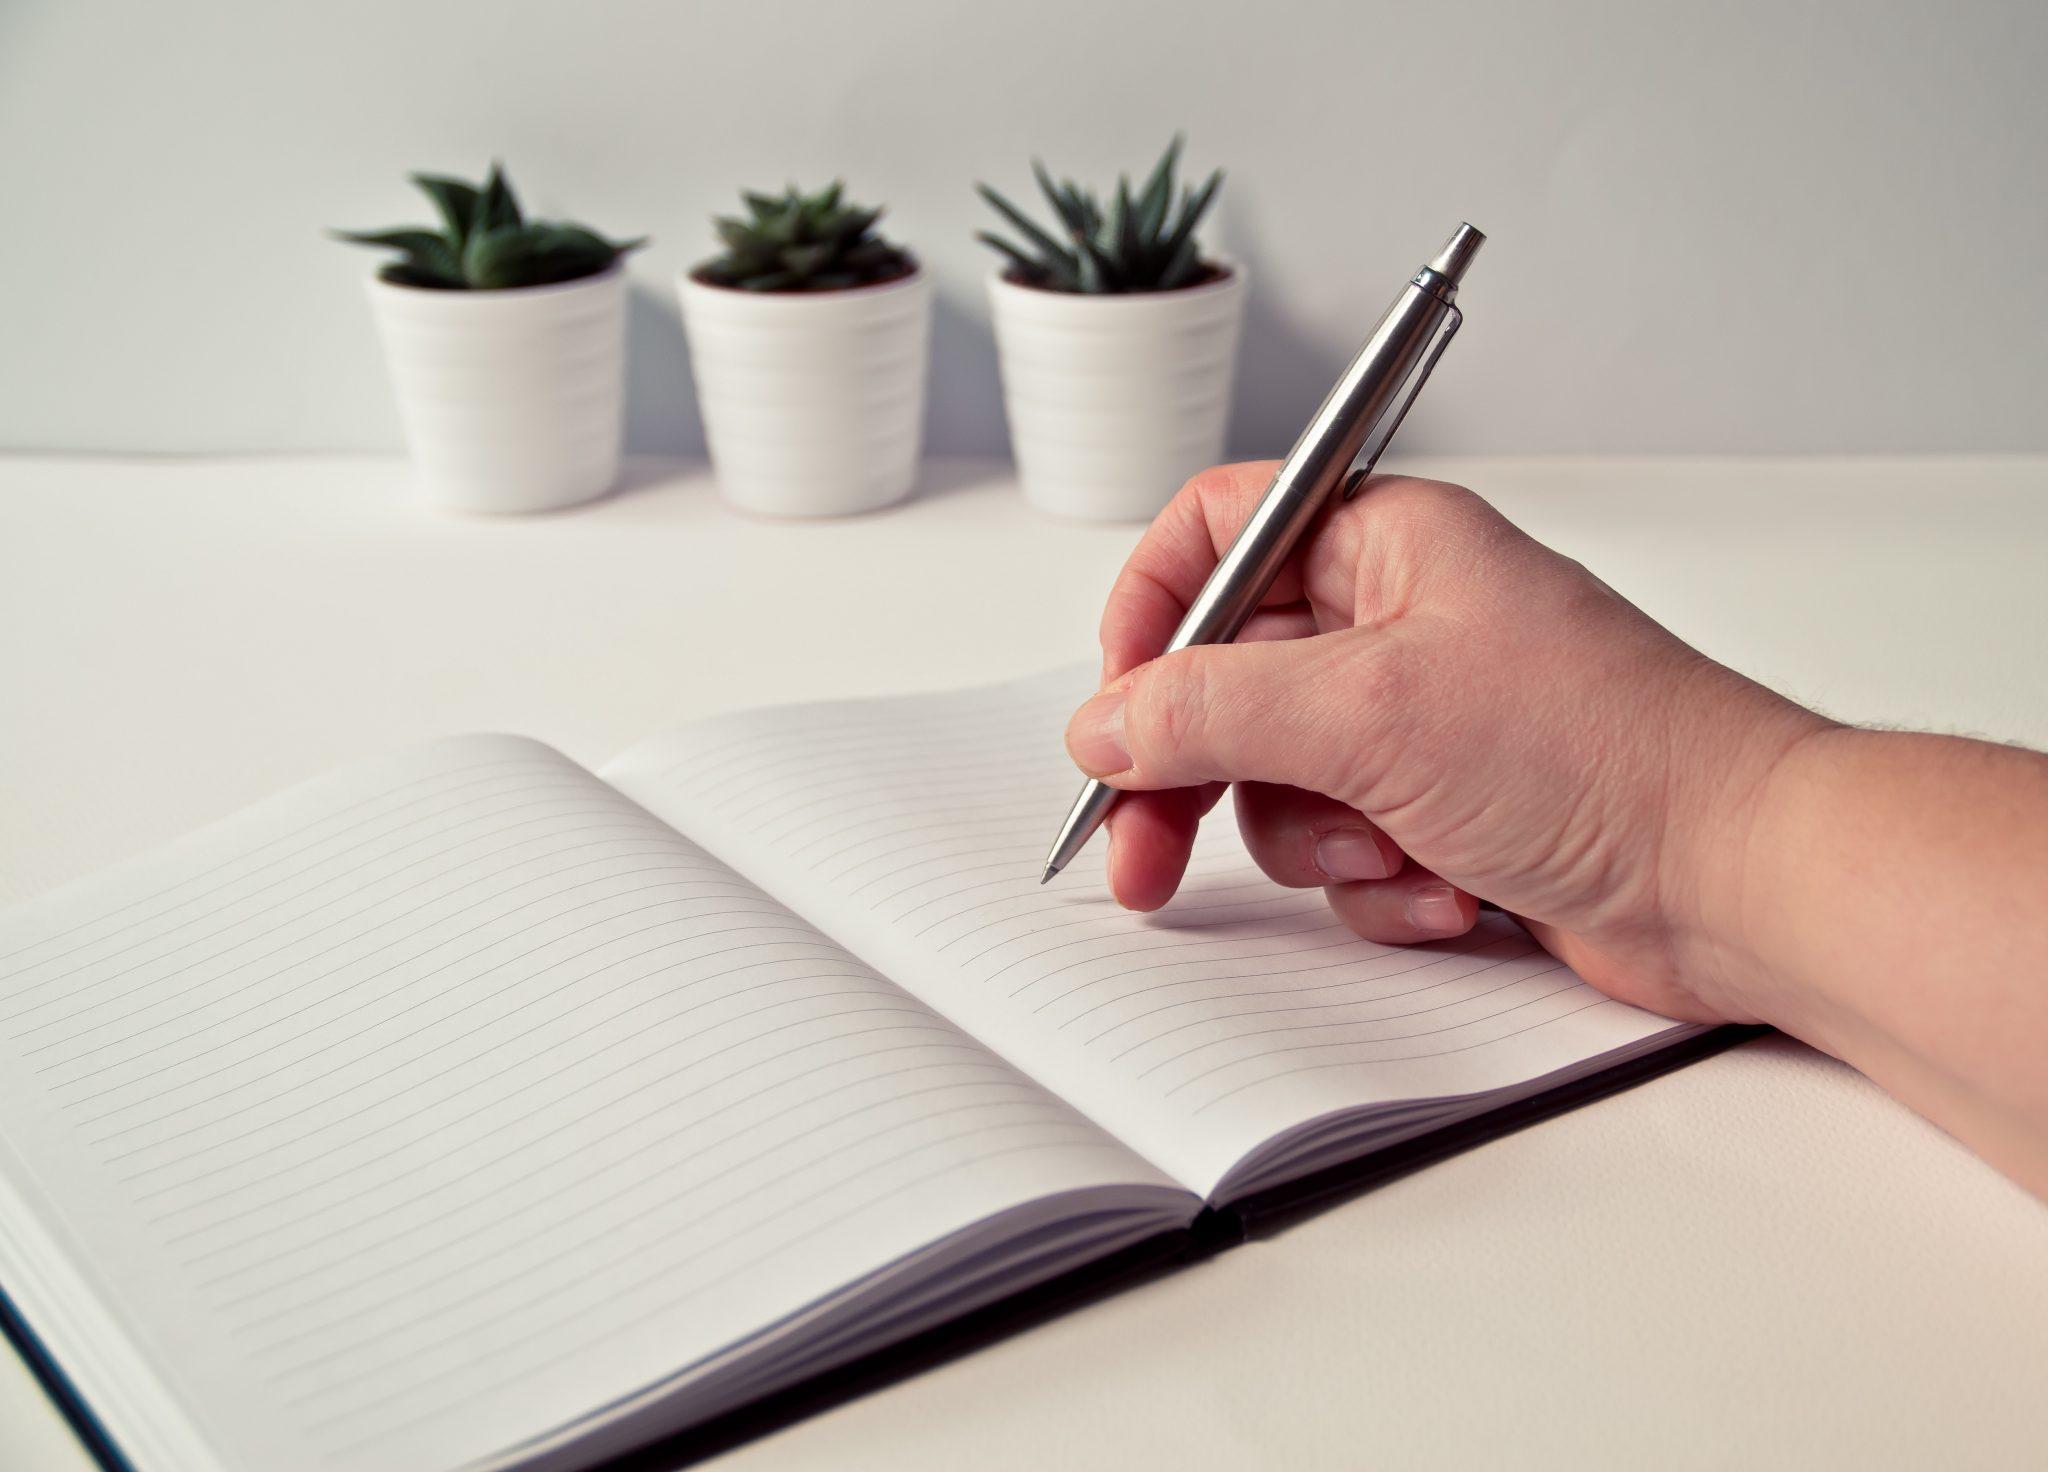 Planning an interview process